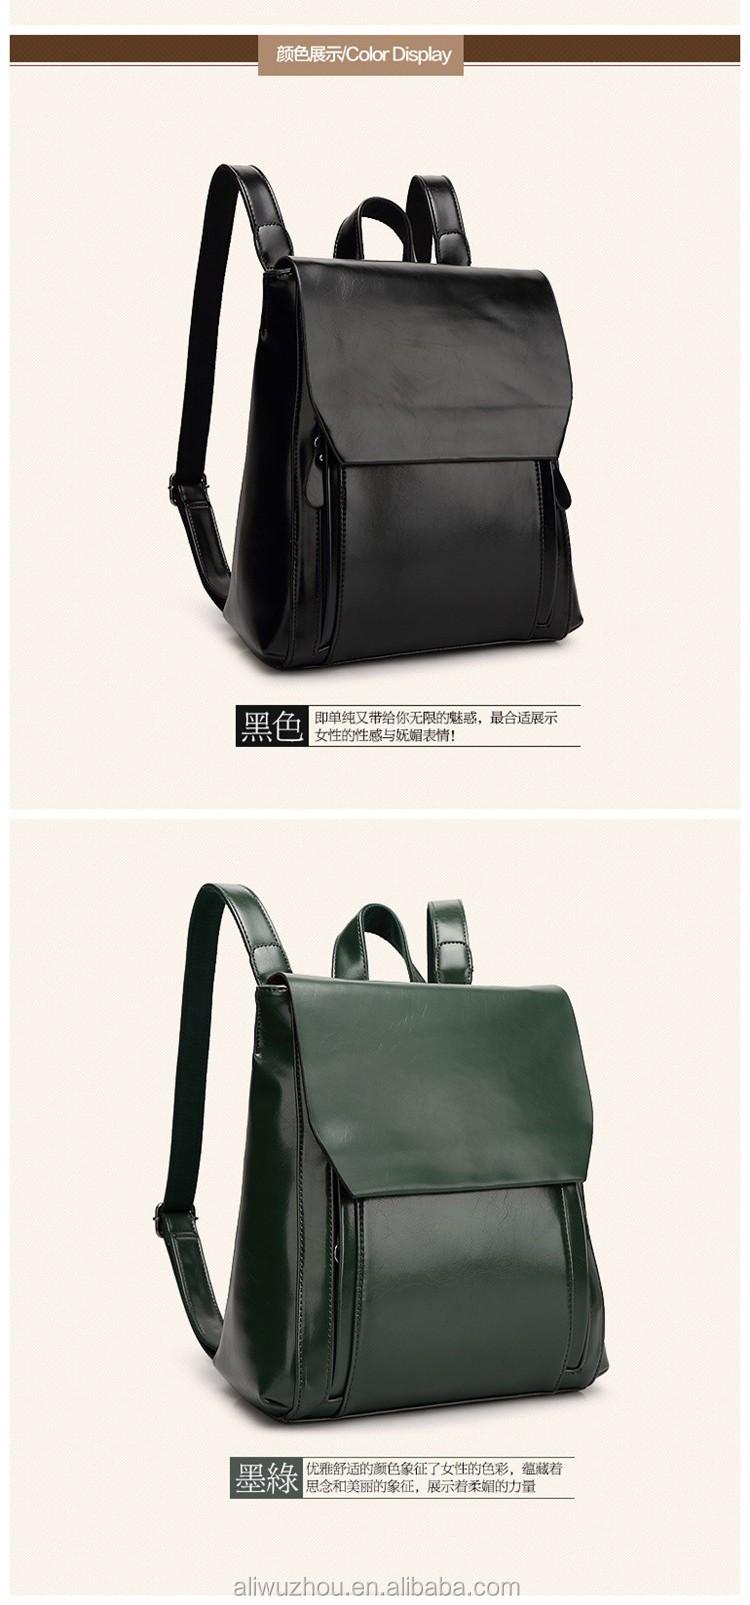 Кожаный рюкзак таобао dcshoecousa рюкзак купить